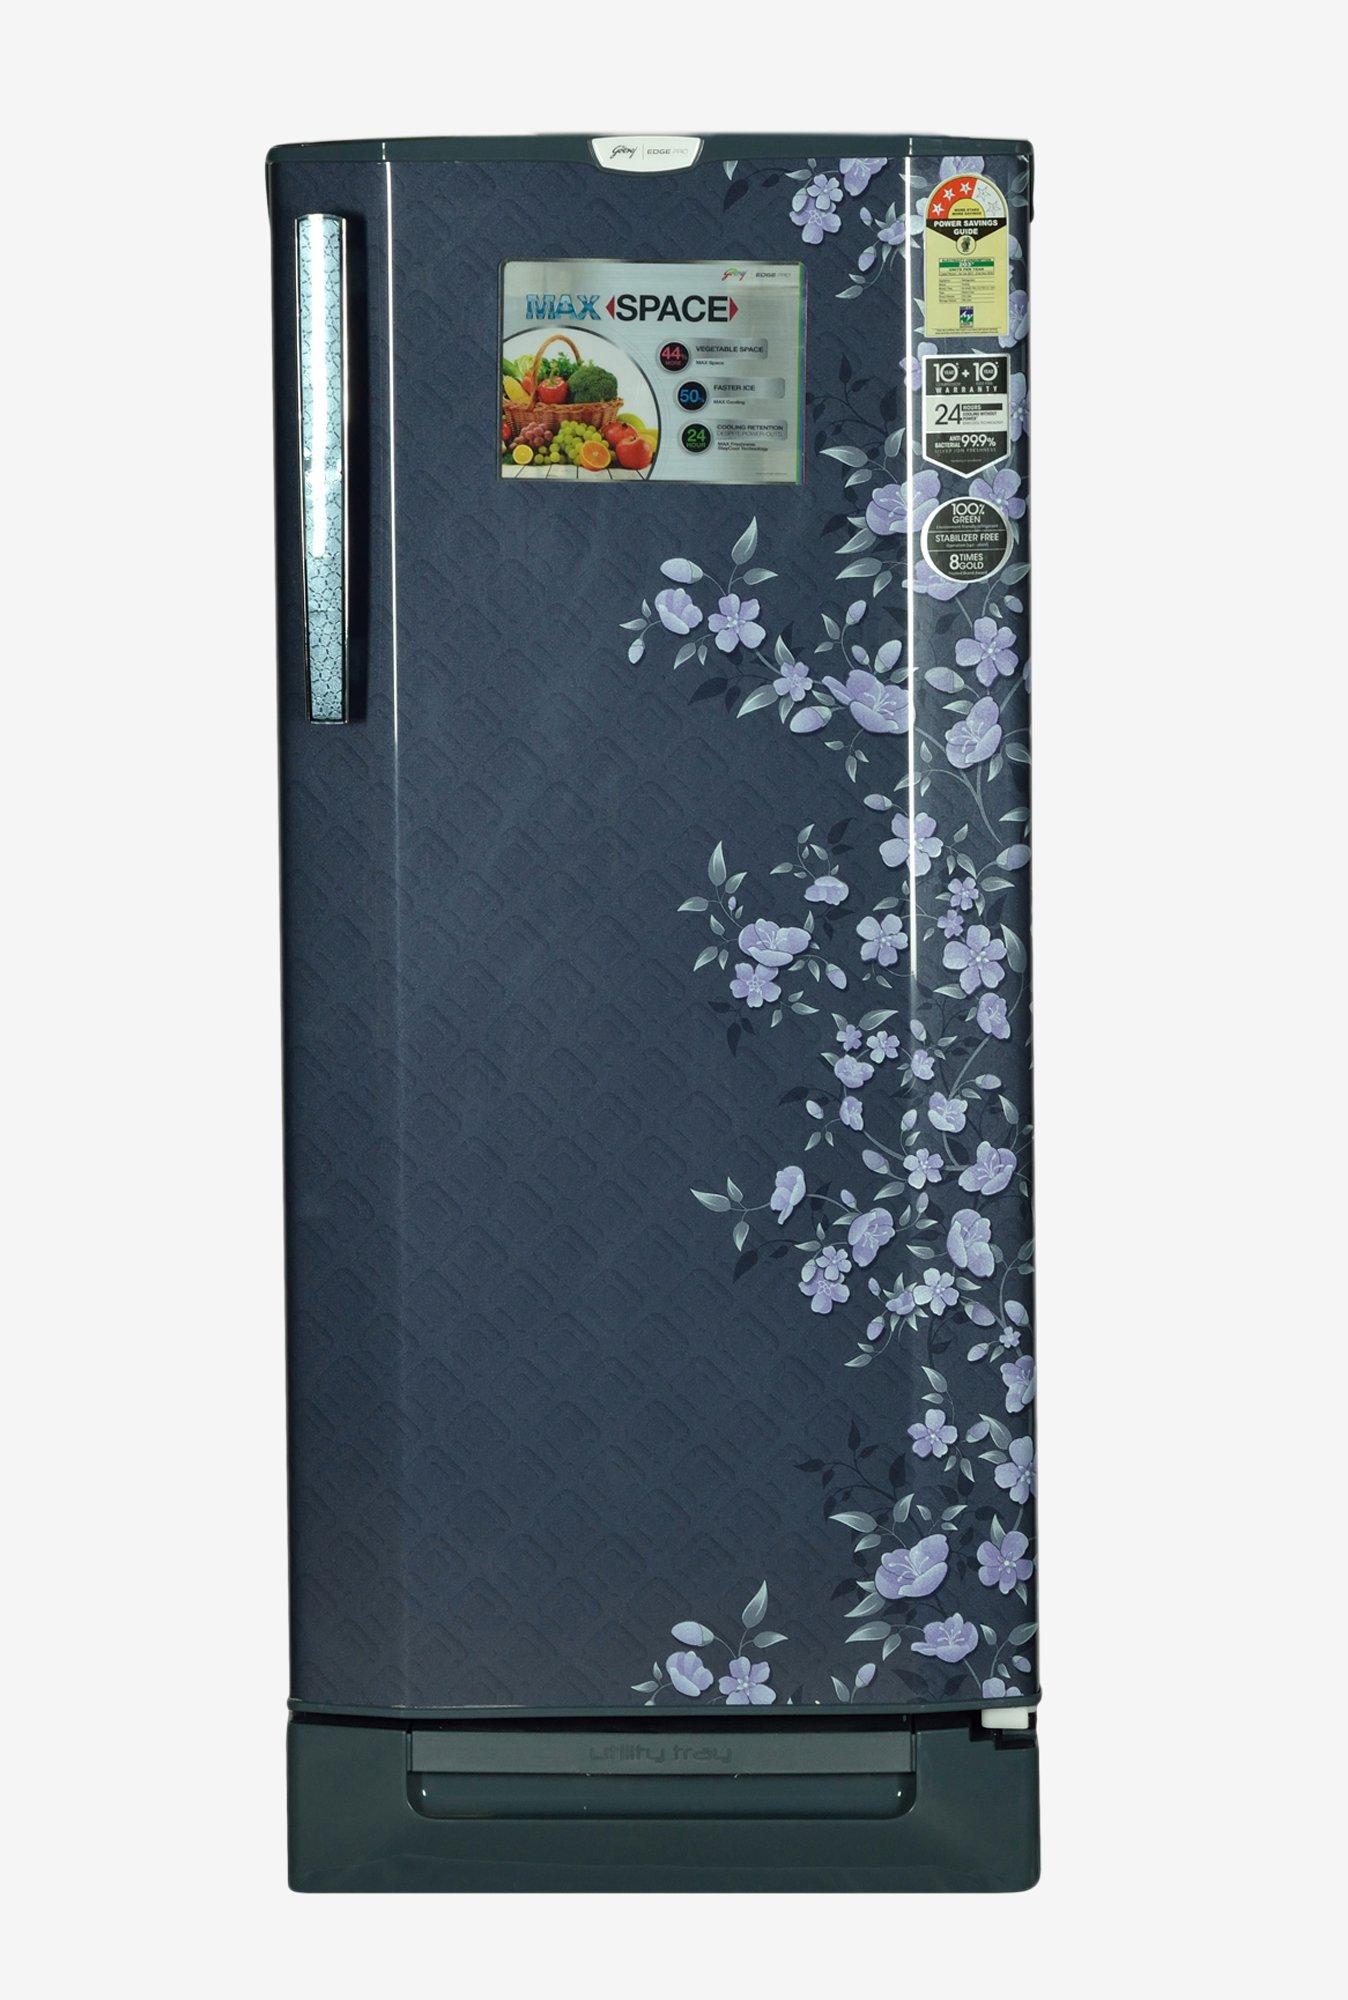 Godrej RD EDGEPRO 210 PDS 3.2 3S 210L Refrigerator (Indigo Floret)